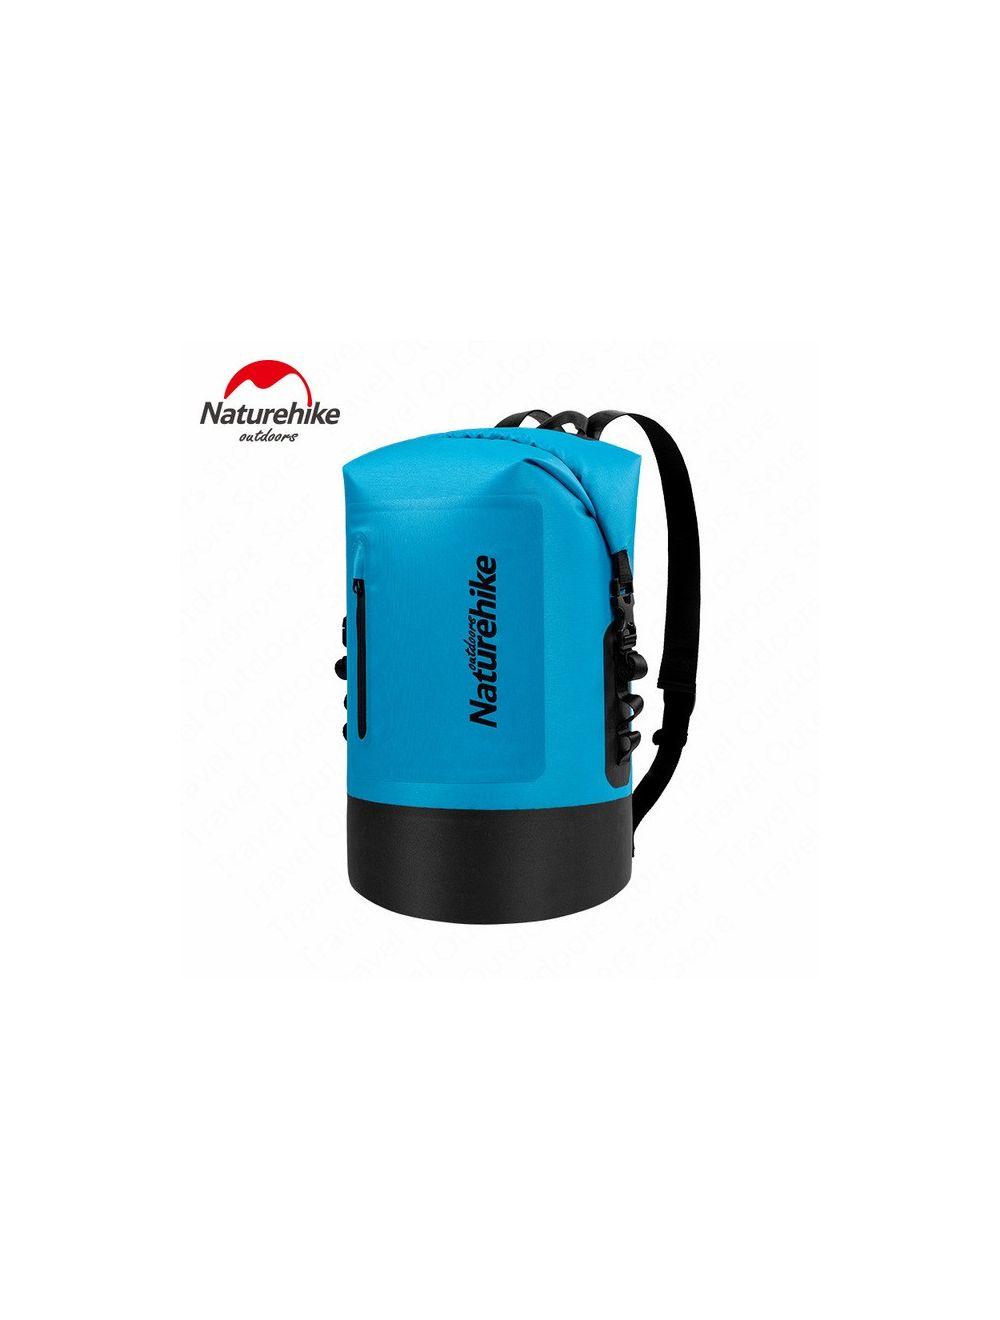 NATUREHIKE Torba wodoodporna C031 TPU DRY-WET SEPARATING WATERPROOF 20 L